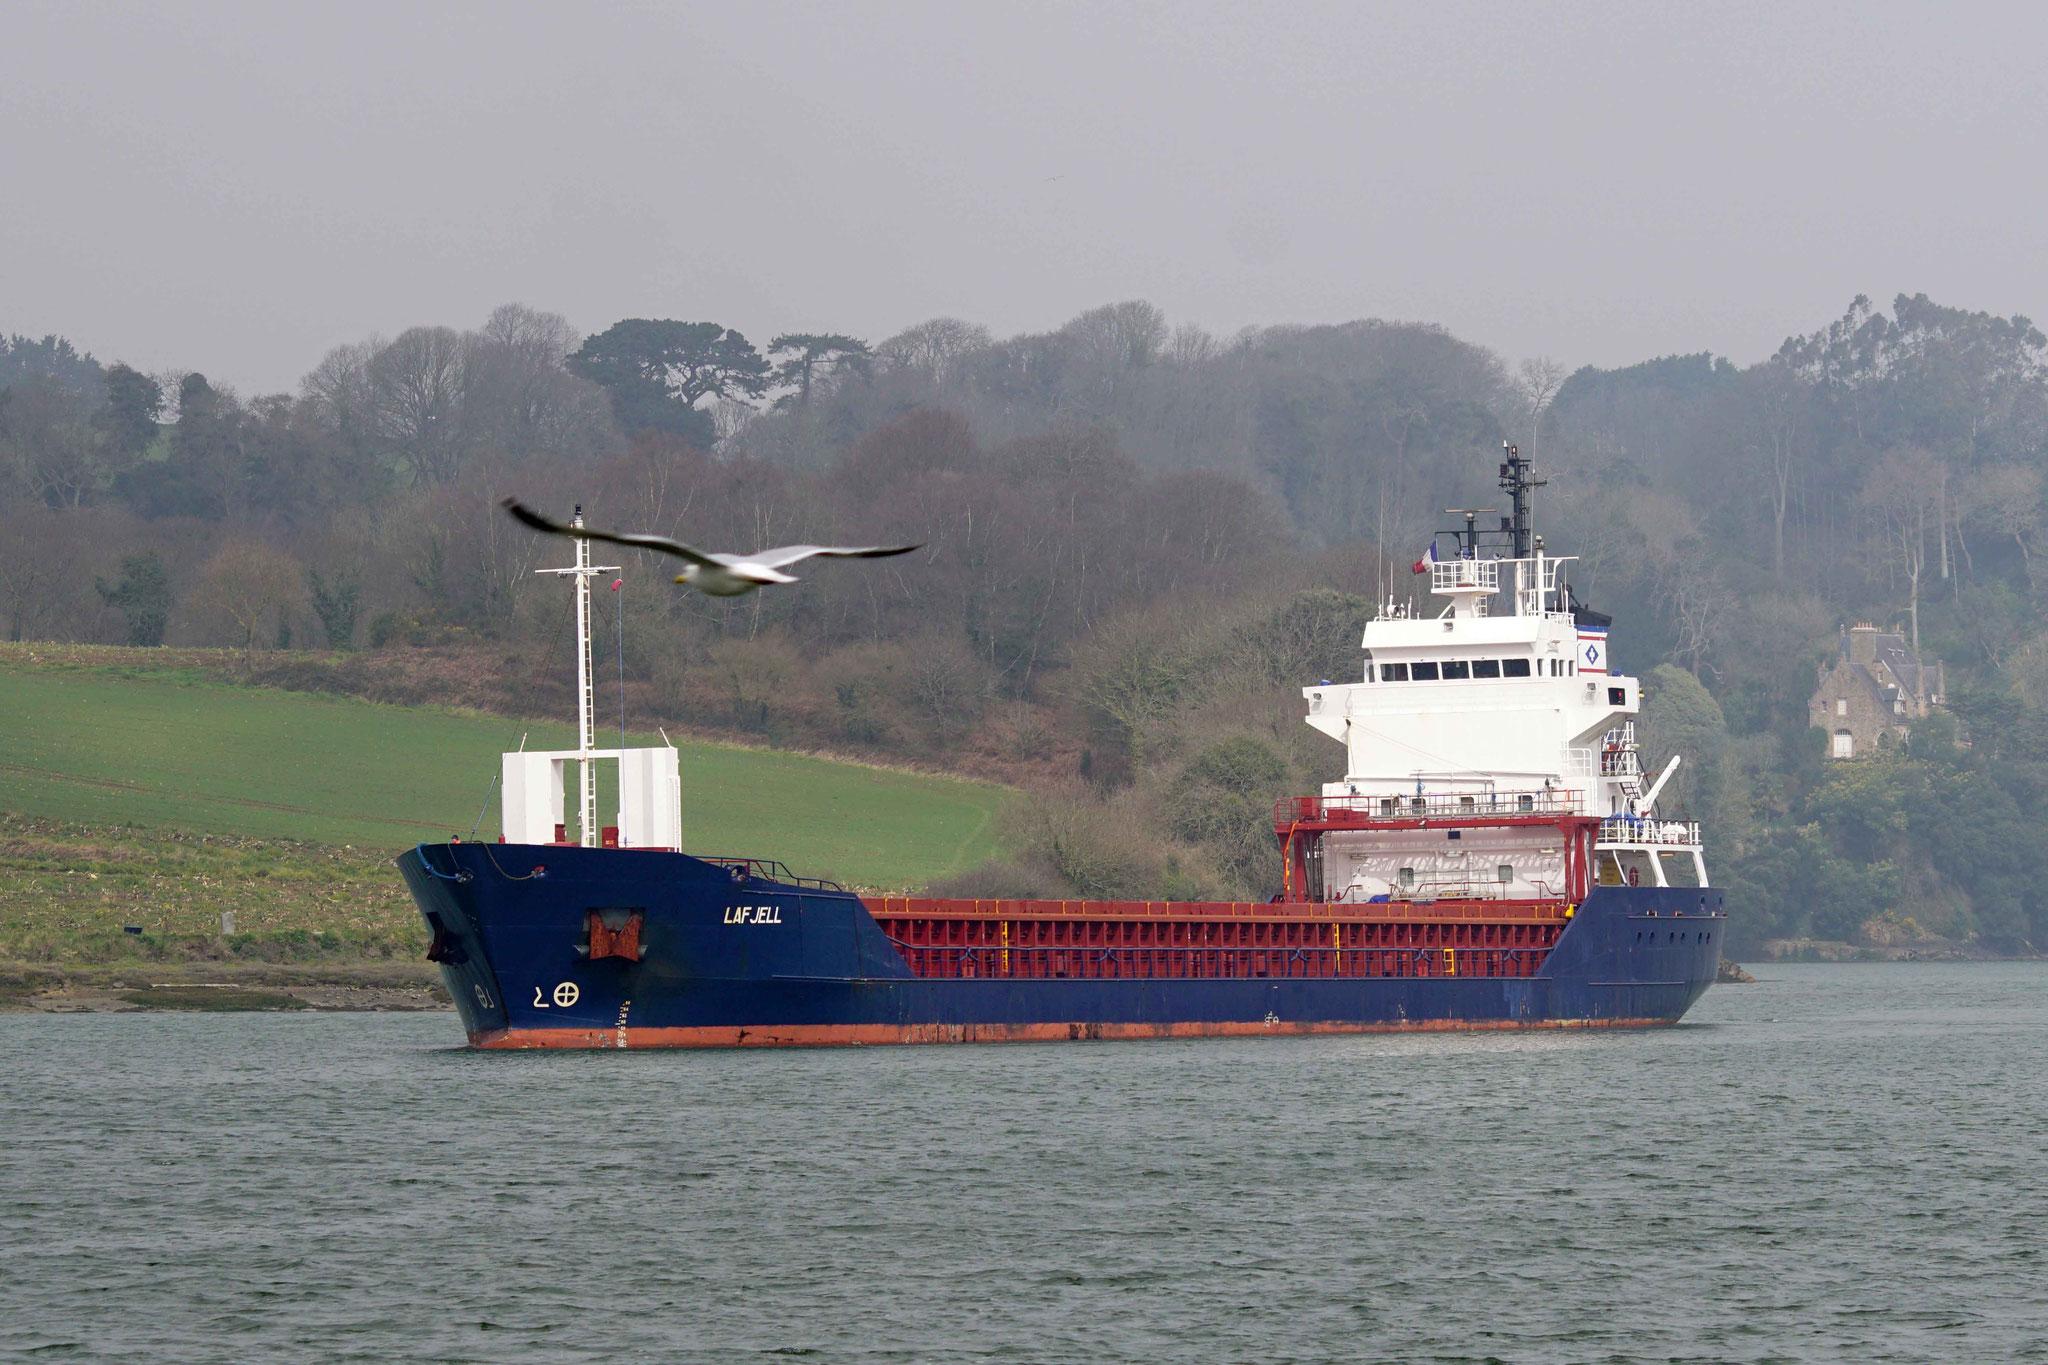 Lafjell, DSC00217